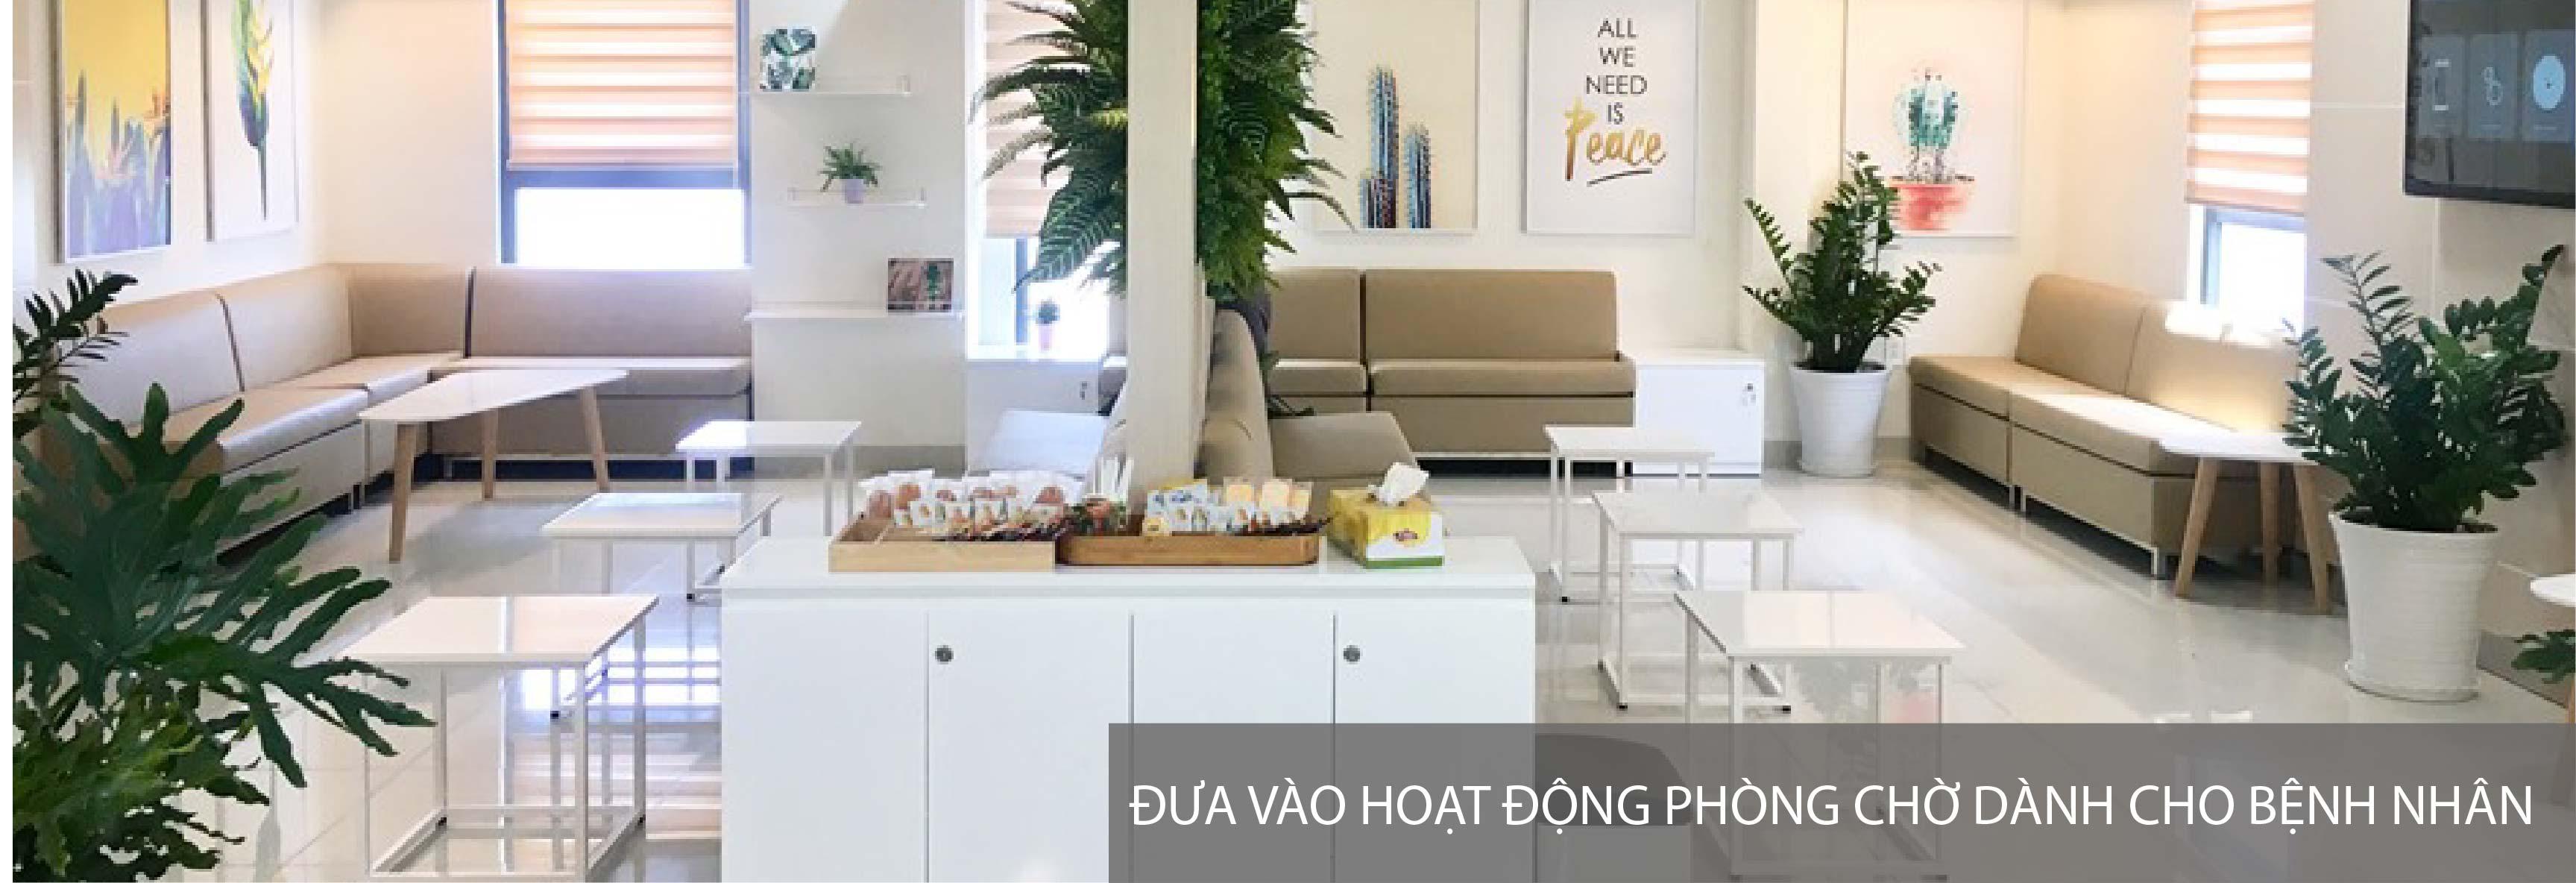 Phong cho-03